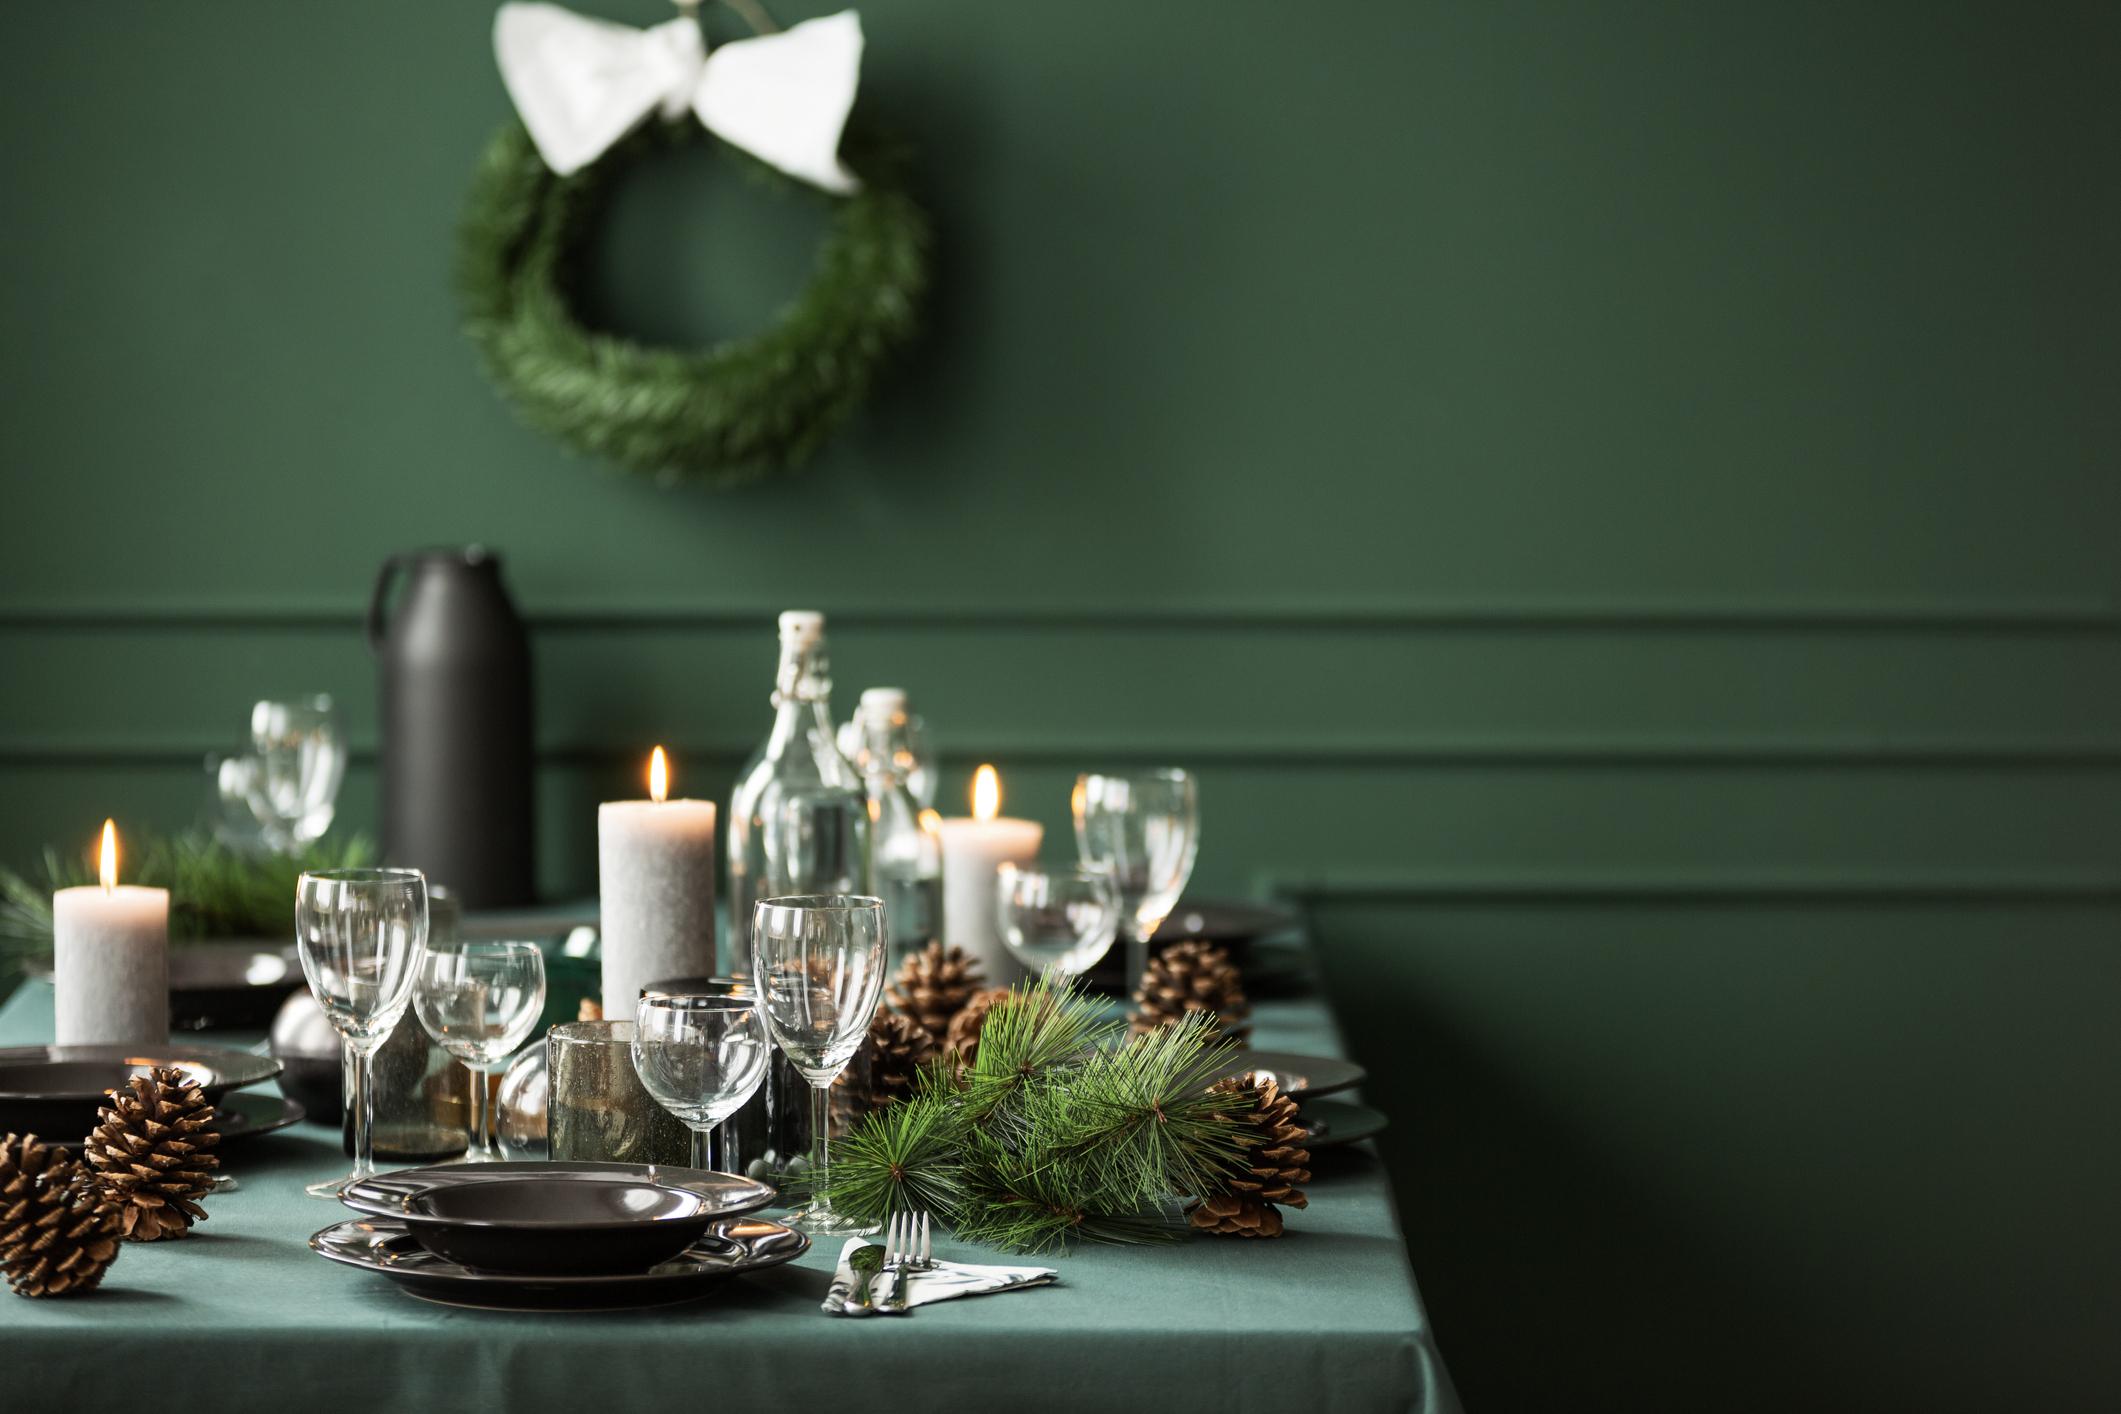 dekoracja stołu bożonarodzeniowego na zielono